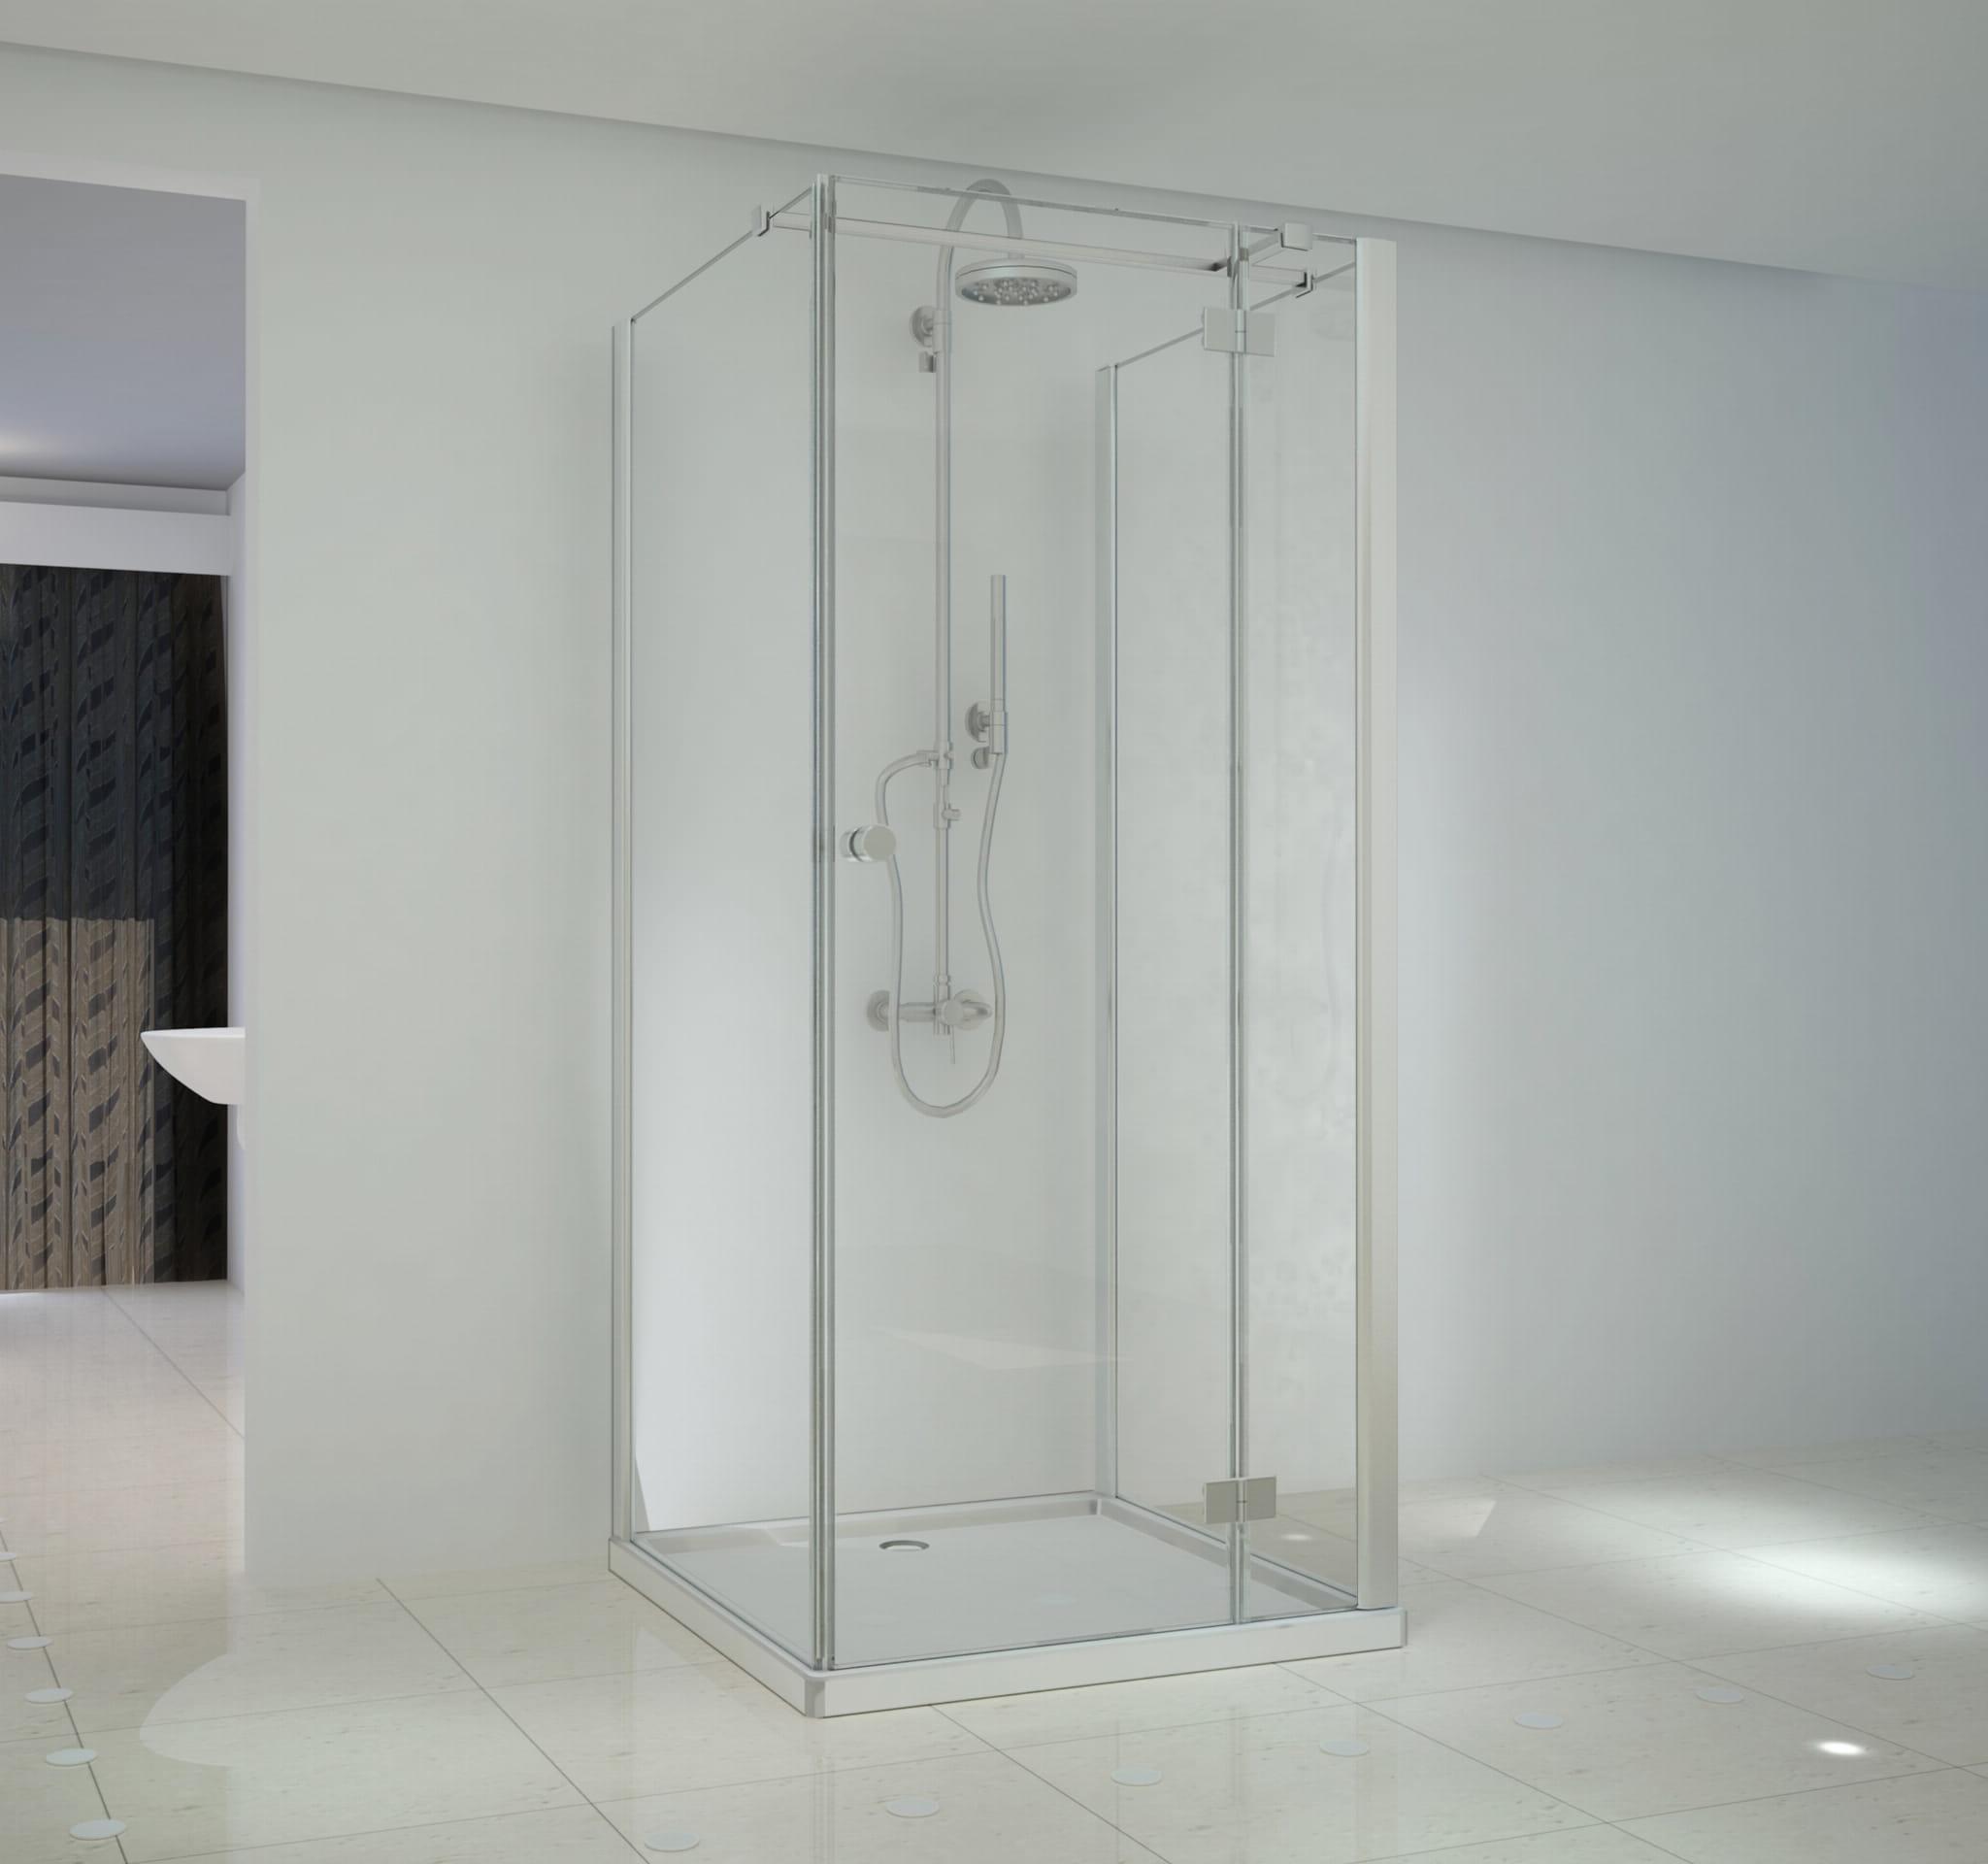 Sanotechnik - SMARTFLEX - Nástenný obdĺžnikový sprchový kút, pravý 80 x 90 x 195 cm pravý